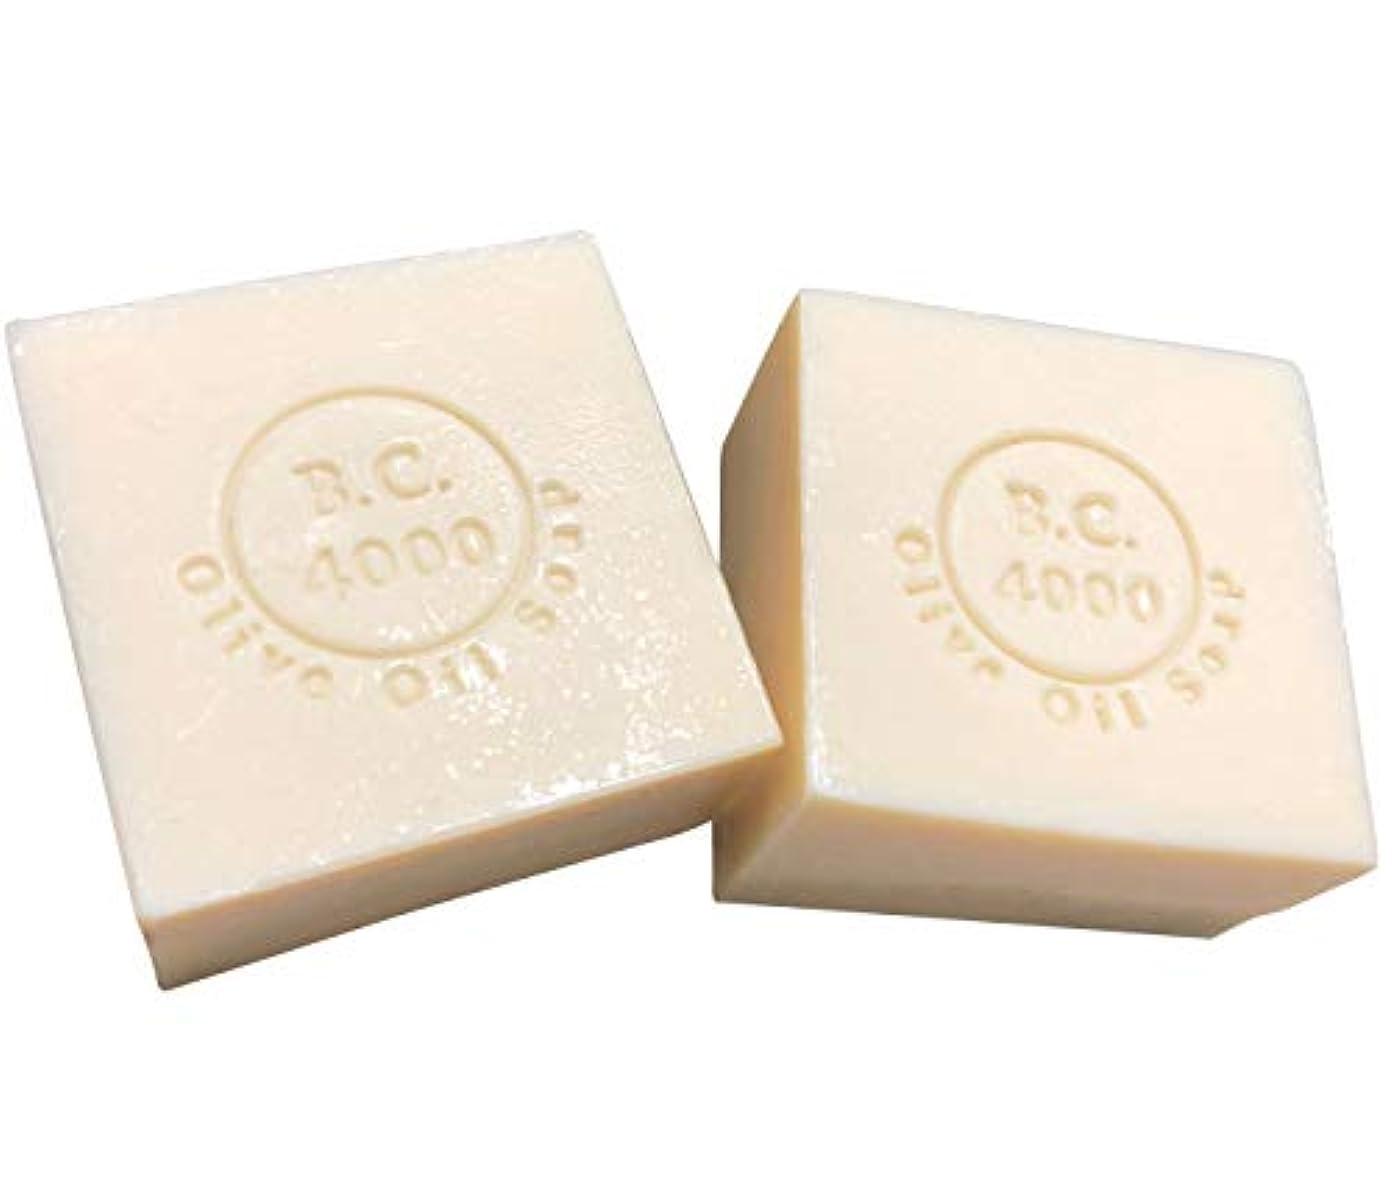 ハイジャック韓国語南西100% バージンオリーブオイル石鹸 B.C.4000 オーガニック せっけん 100g 2個入